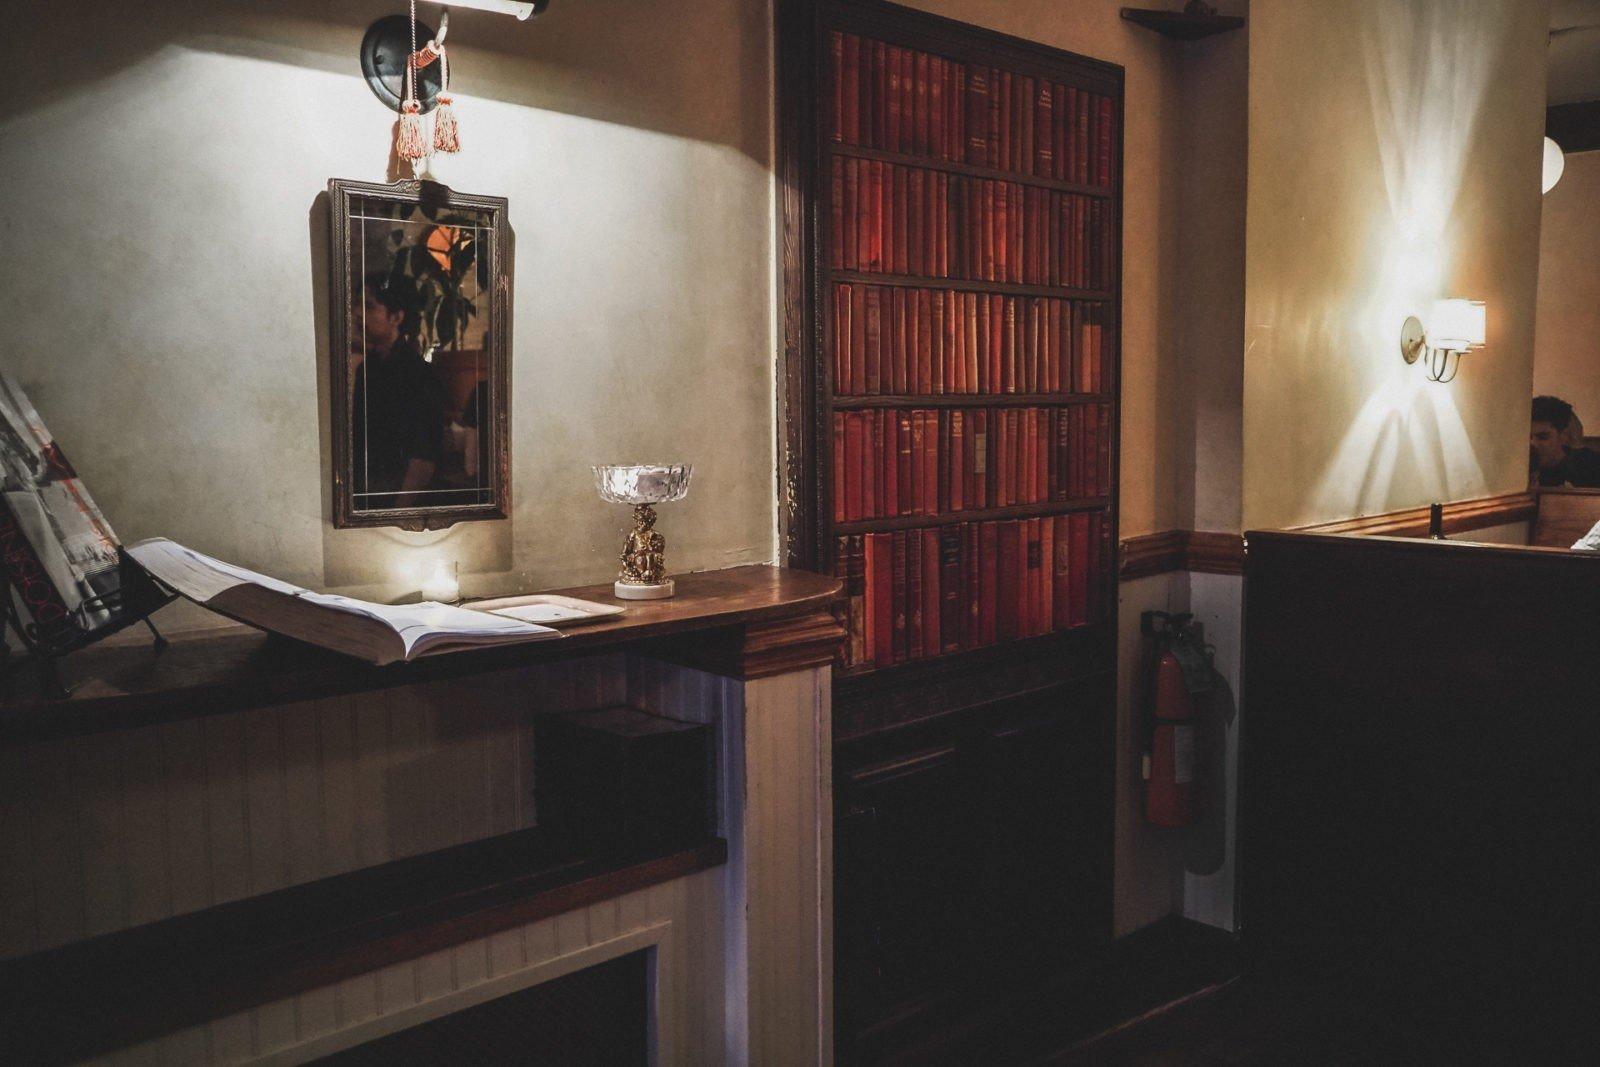 The hidden bookcase entrance to Le Boudoir